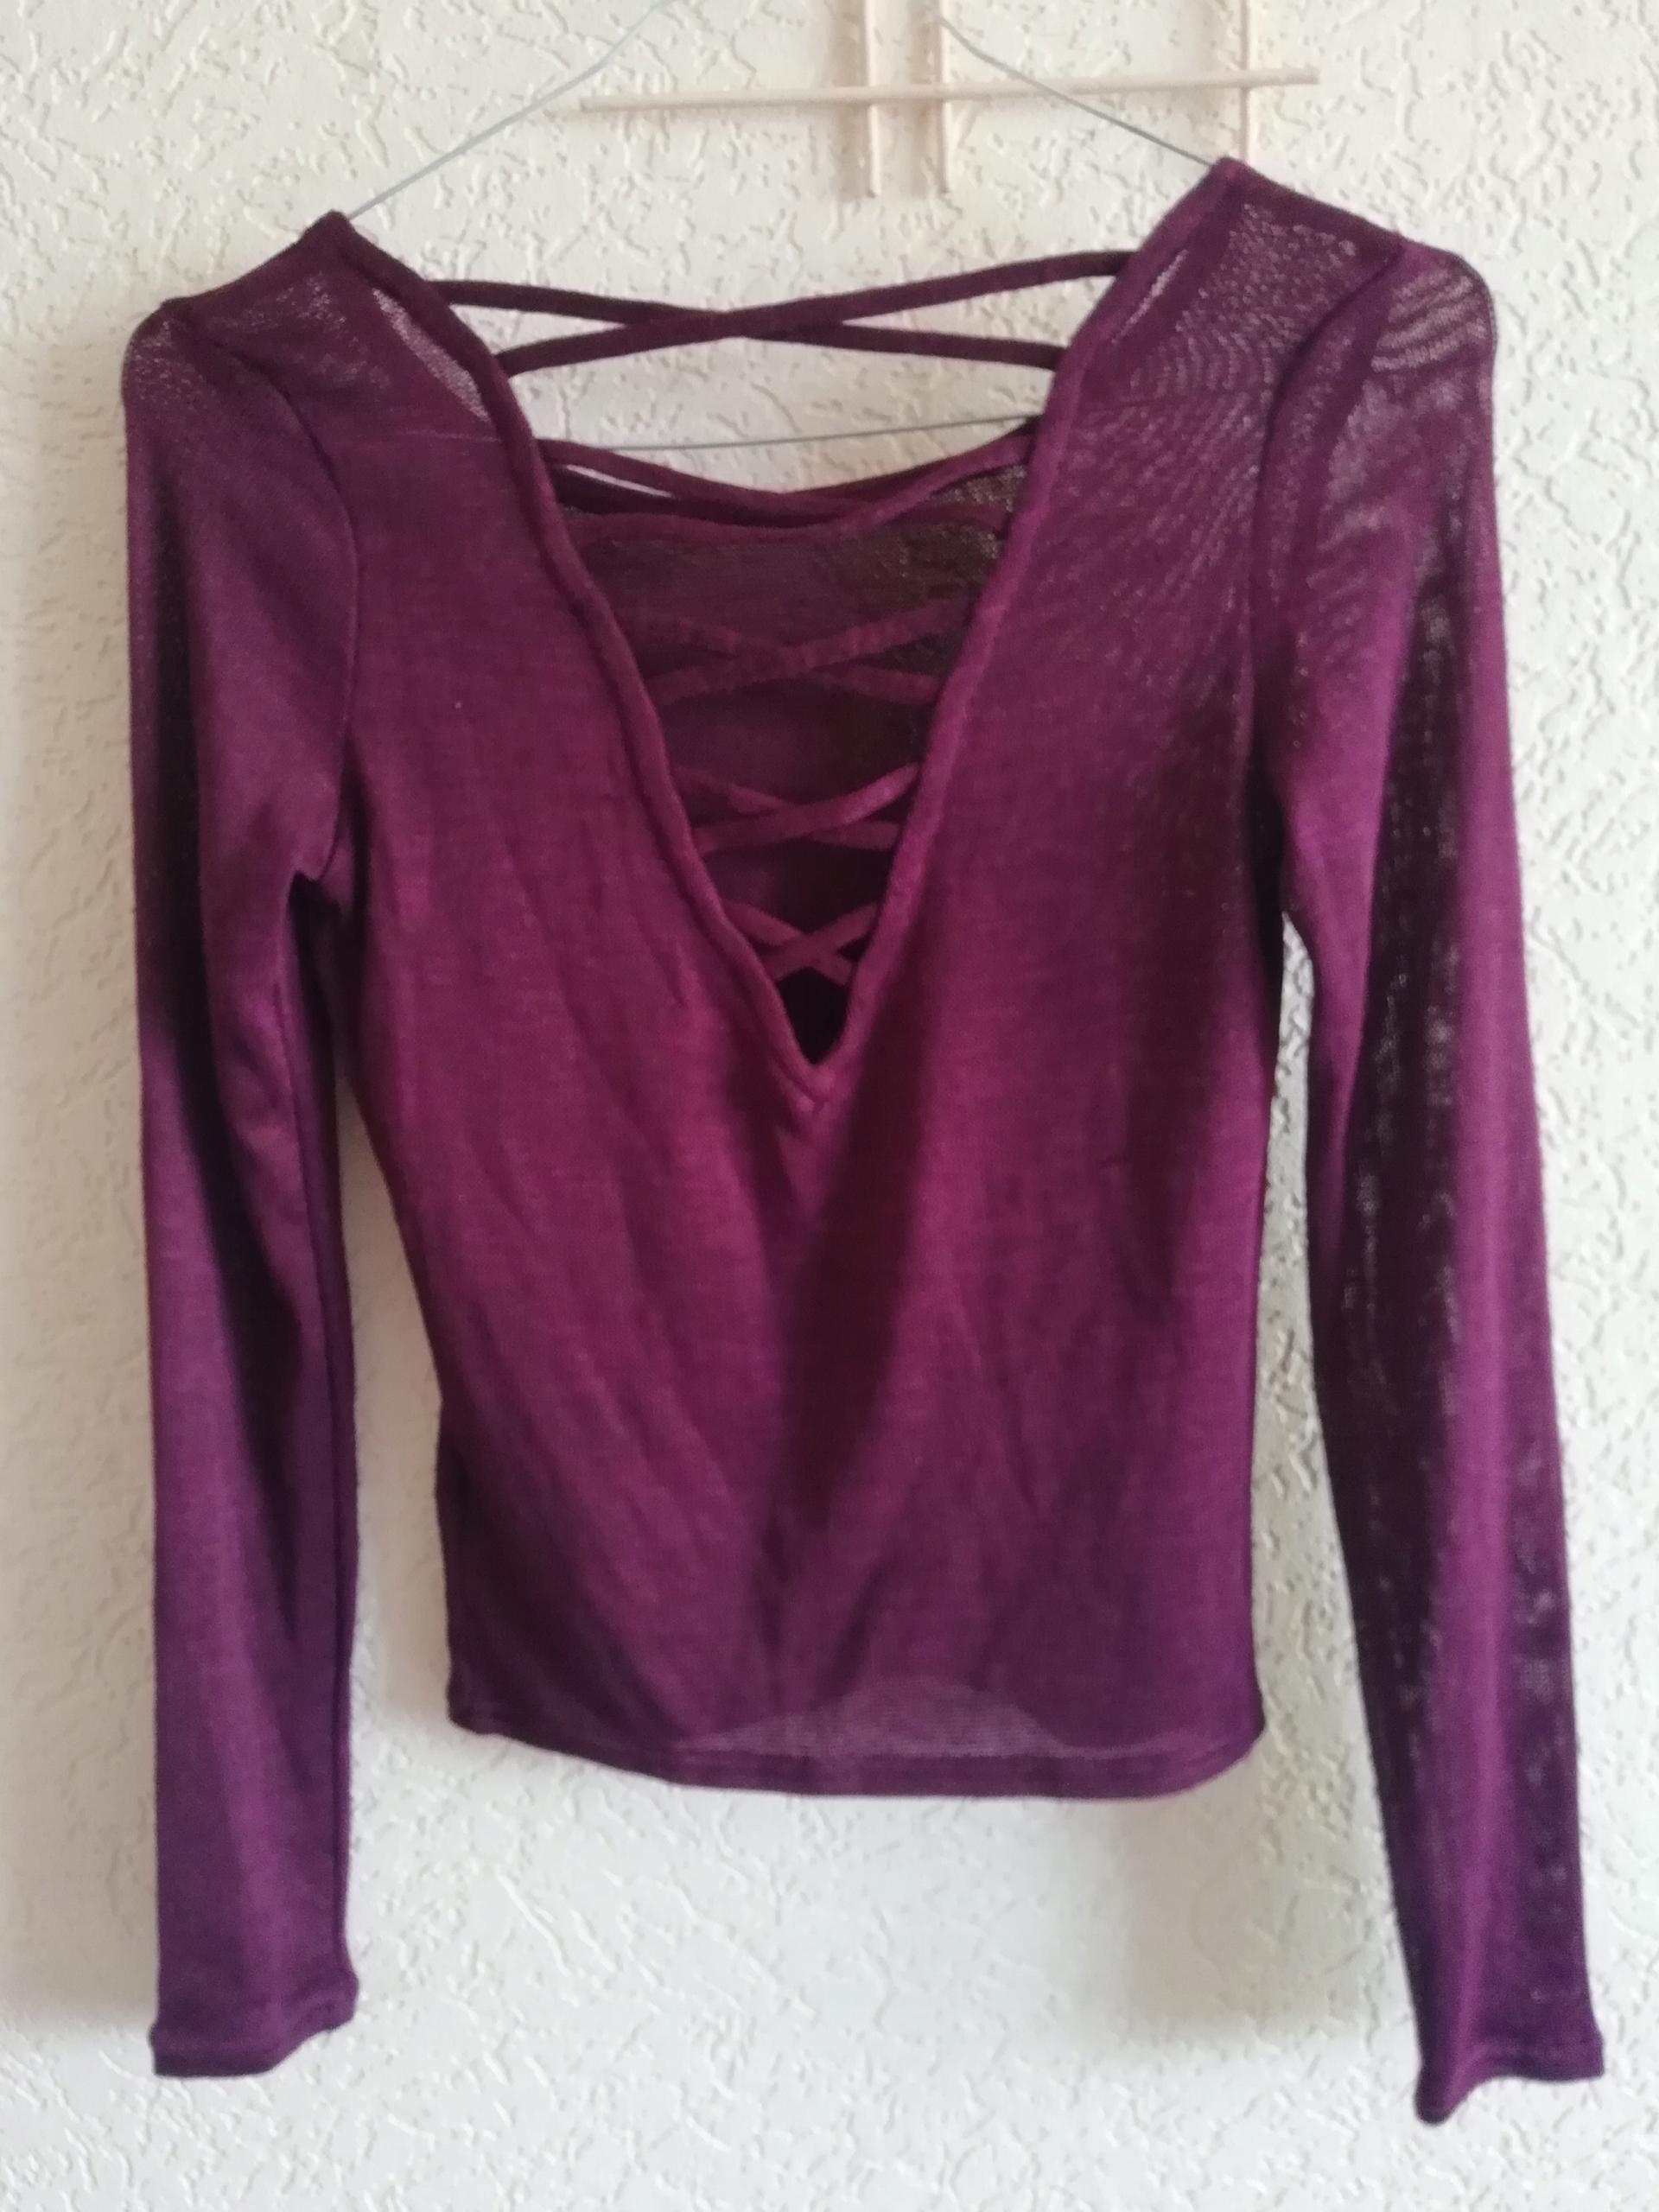 H&M bordowy sweter bluzeczka 34 XS